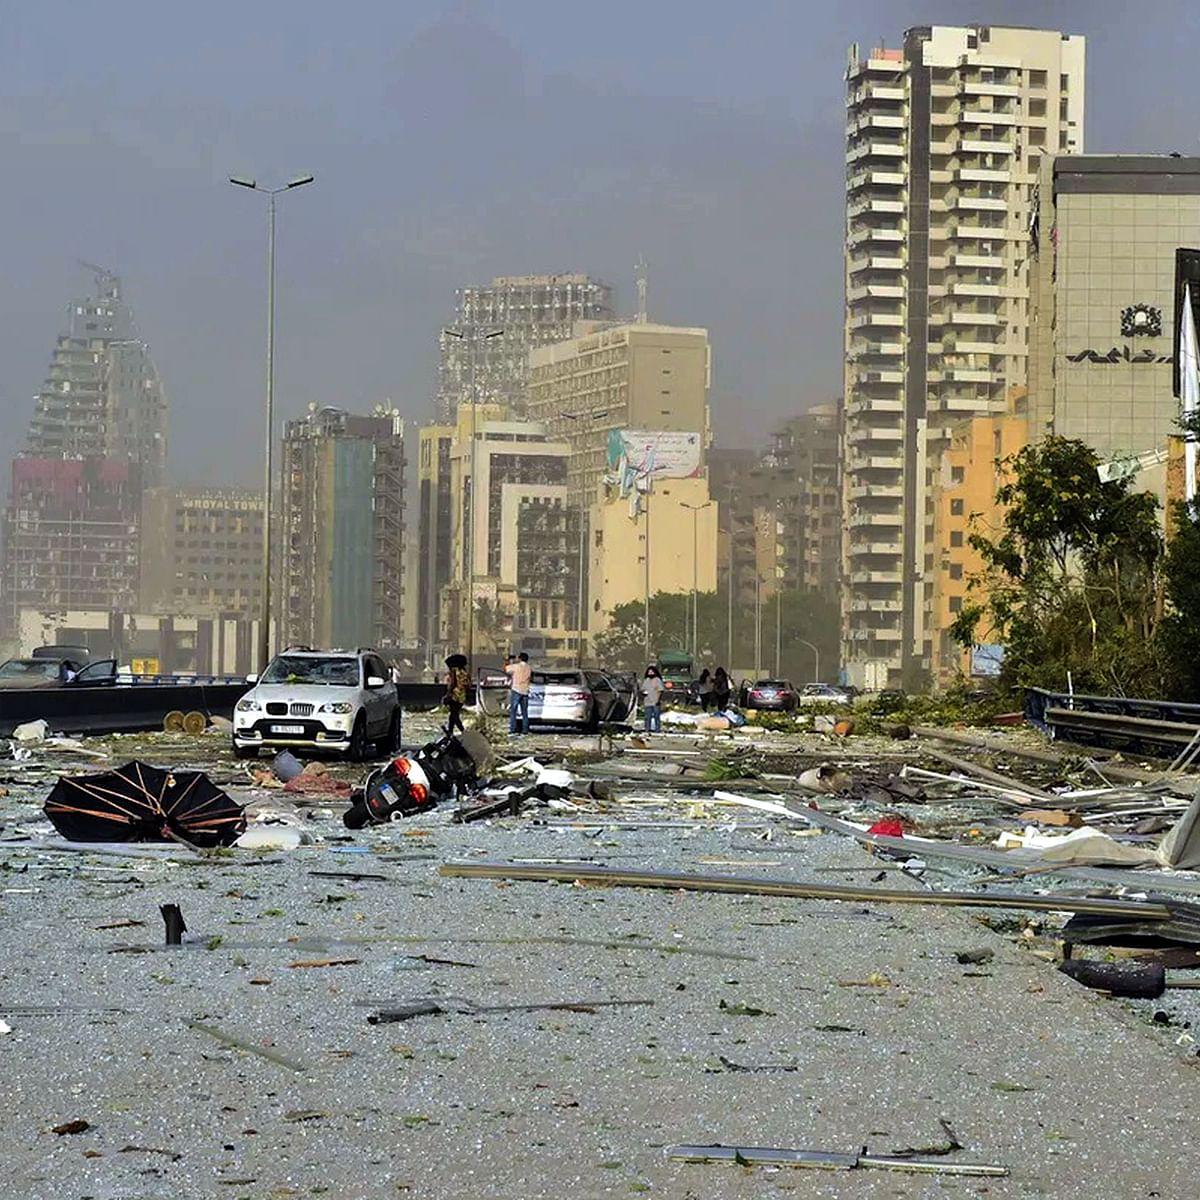 بیروت میں ہونے والے زبردست دھماکہ کی تباہ کاری کا منظر/ تصویر یو این آئی